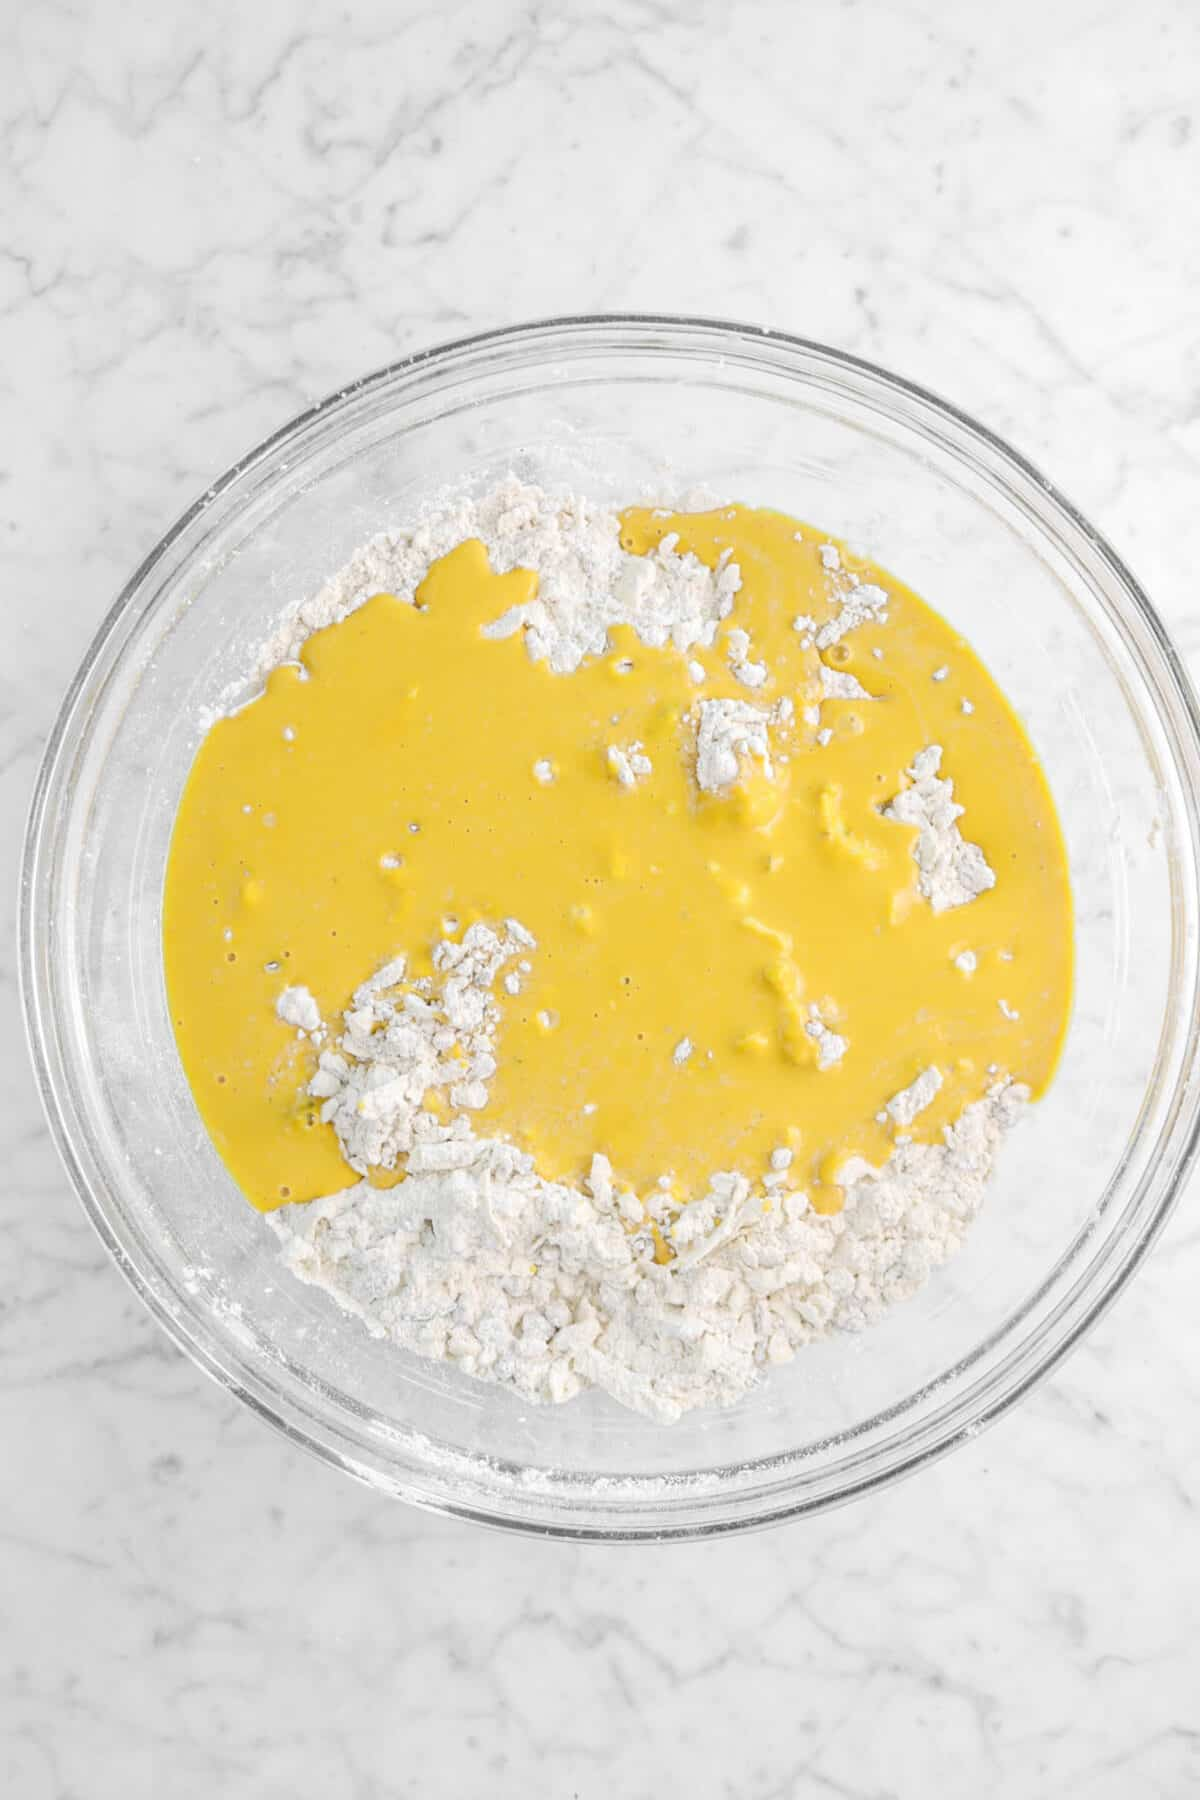 pumpkin mixture added to flour mixture